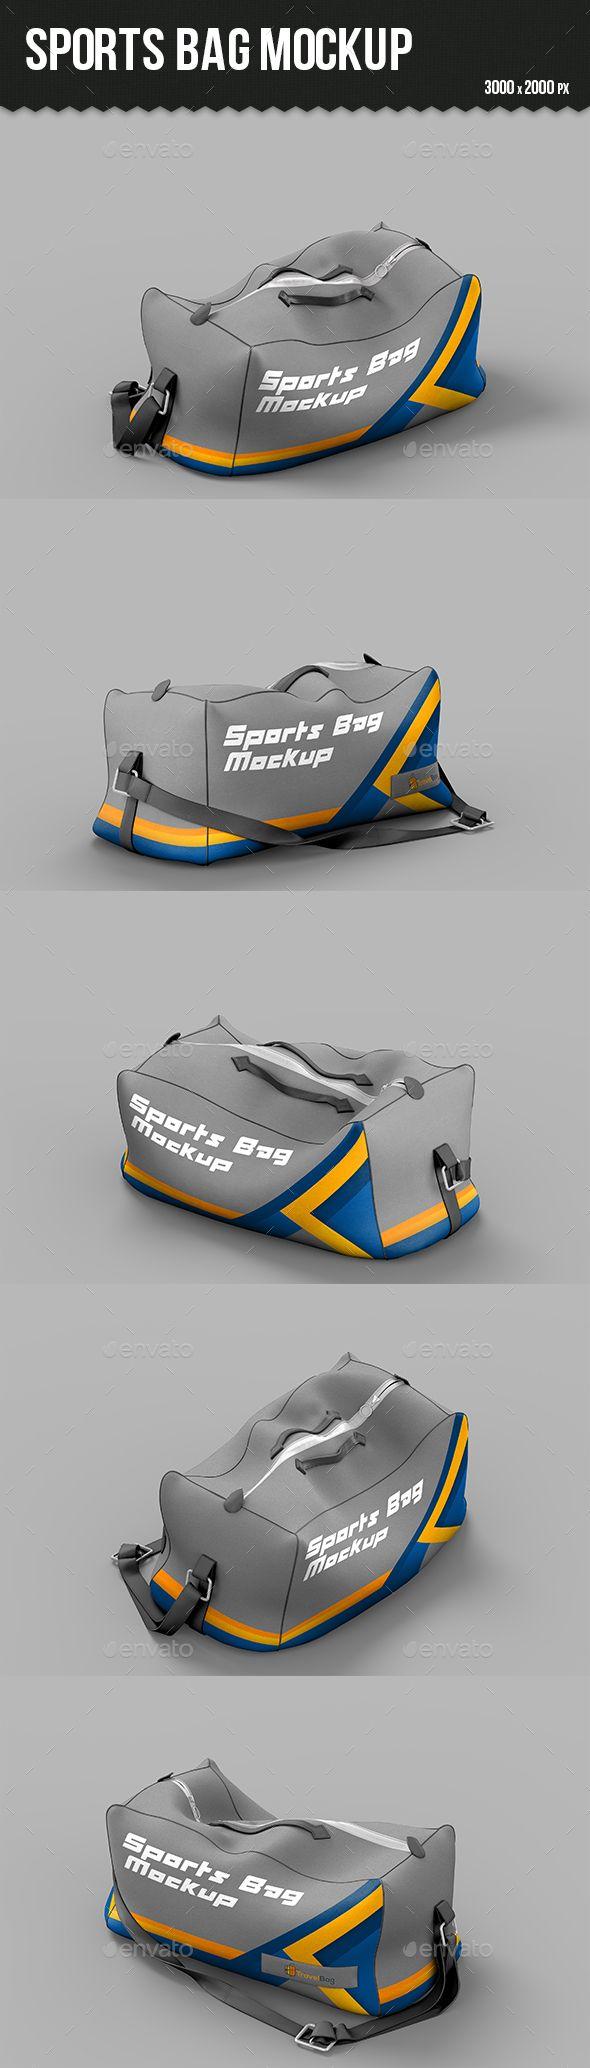 Download Sports Bag Mockup Bag Mockup Sport Bag Free Photoshop Actions